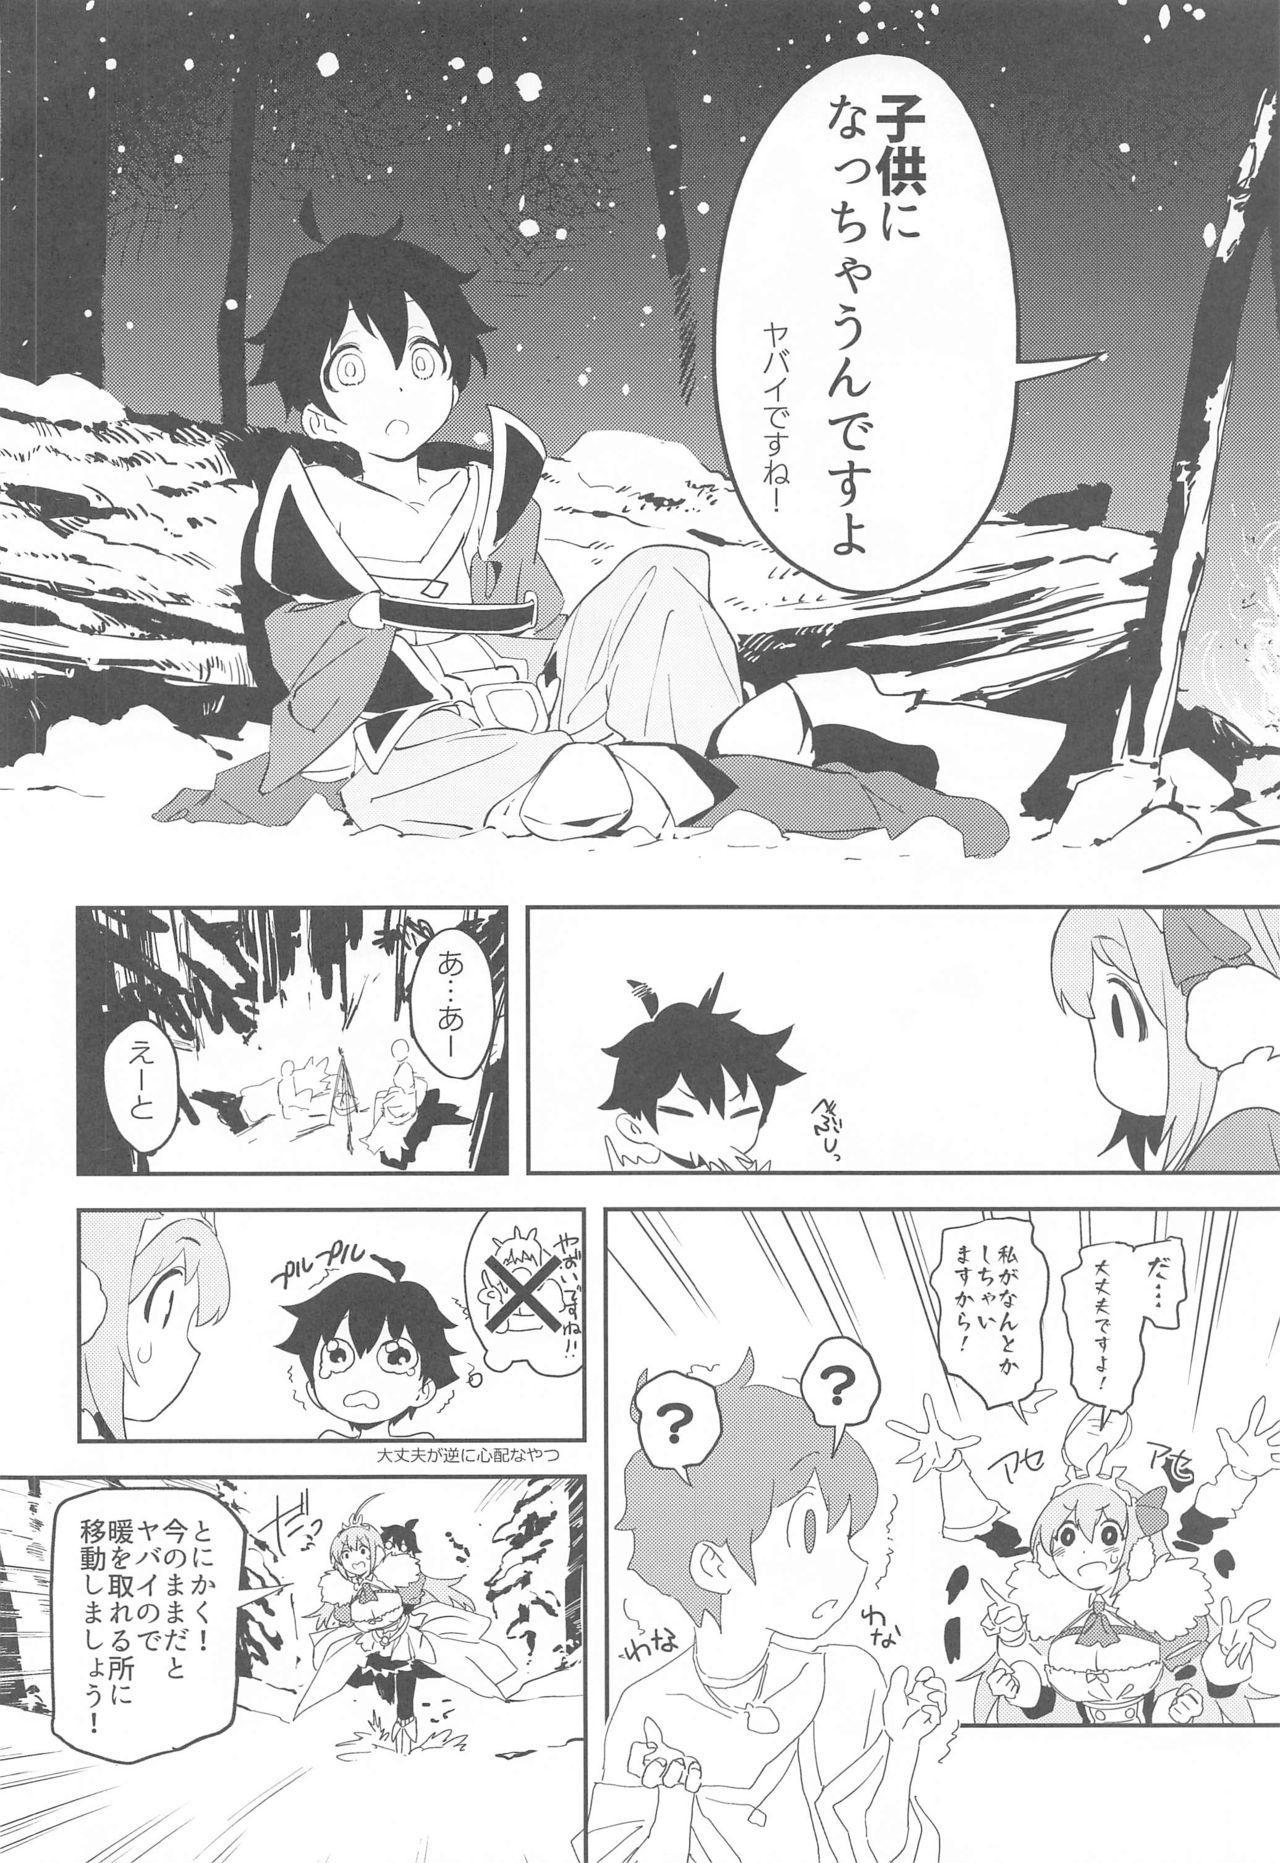 Pecorine to Shota Kishi-kun 2